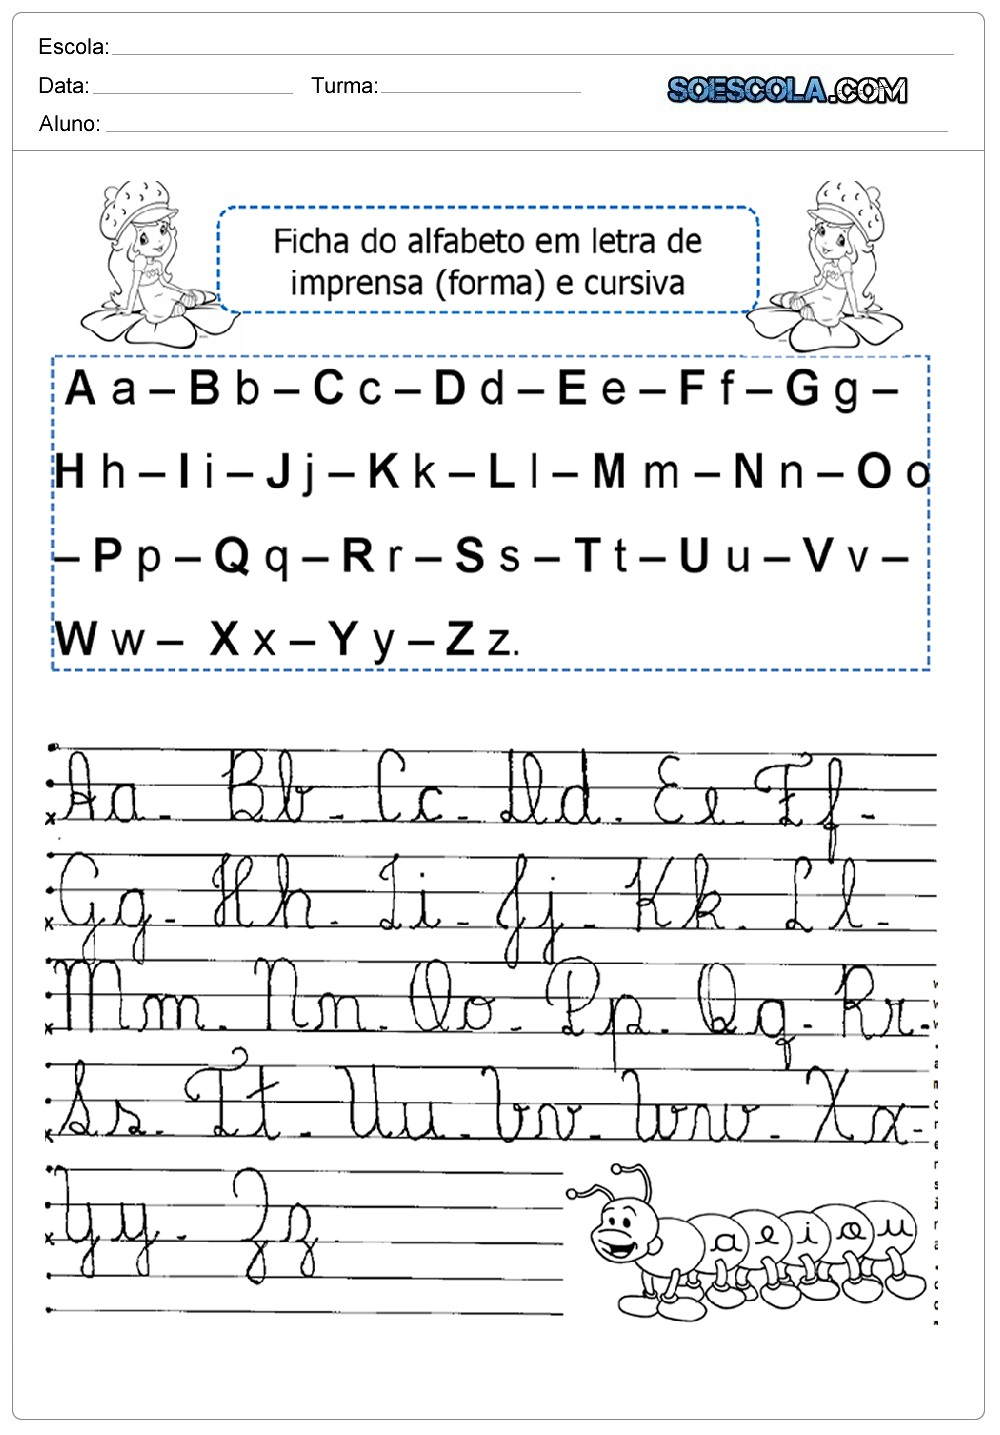 Caligrafia do alfabeto com letras cursivas - Alfabeto Cursivo para imprimir